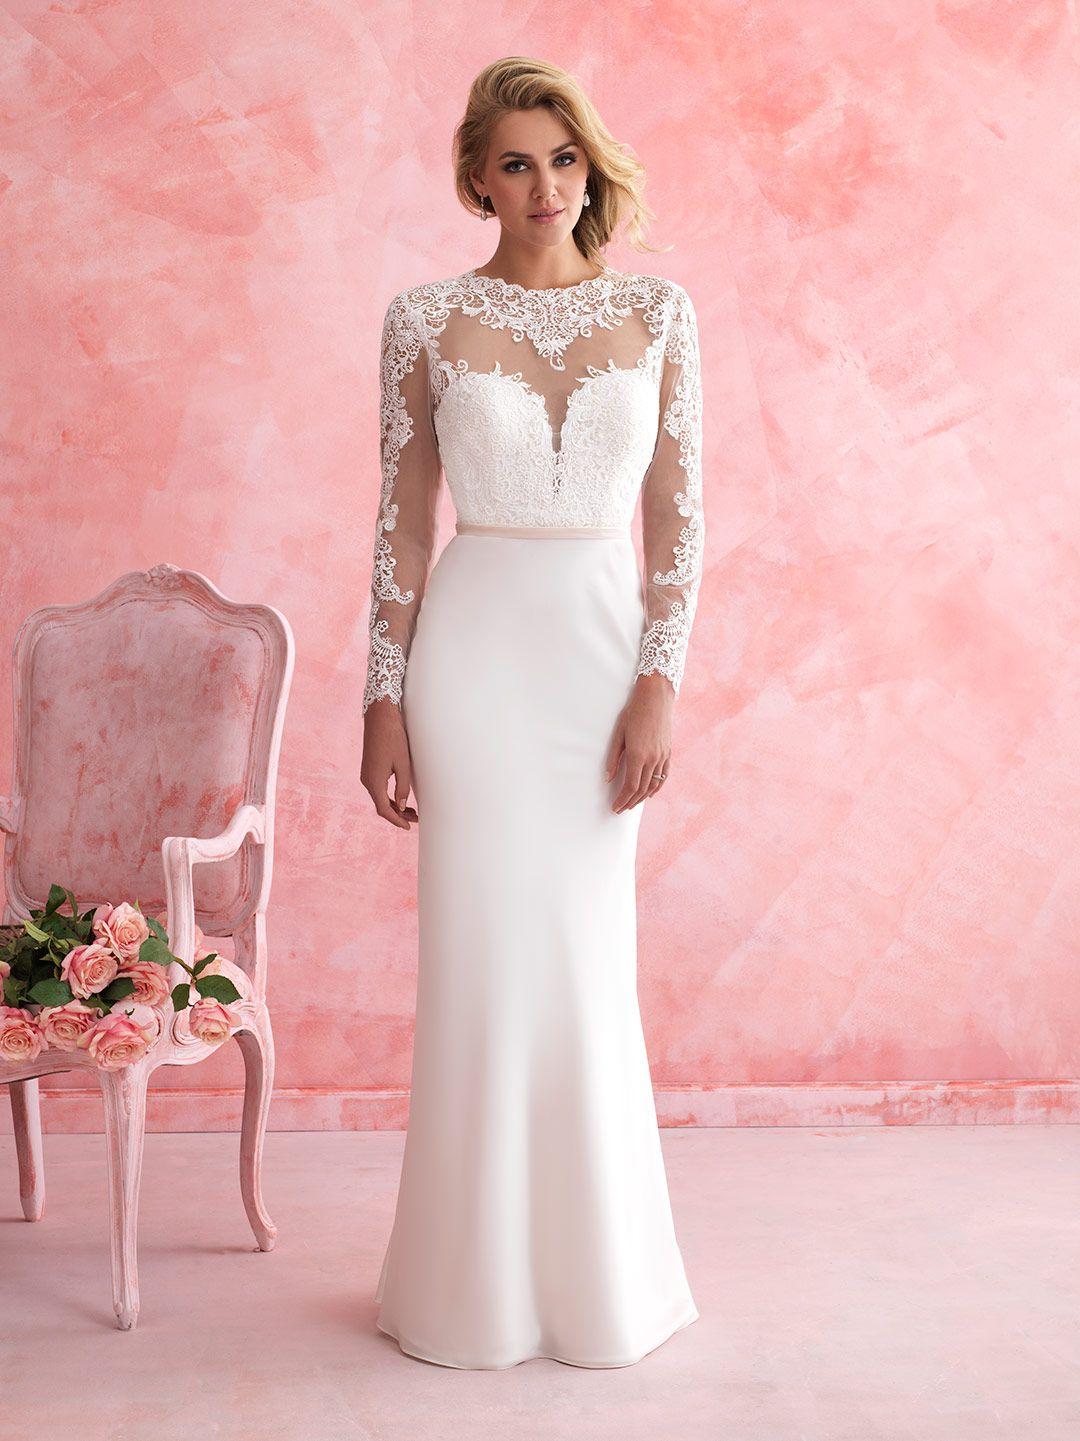 New 20 prachtige trouwjurken met lange mouwen | In White | Modern @LI72